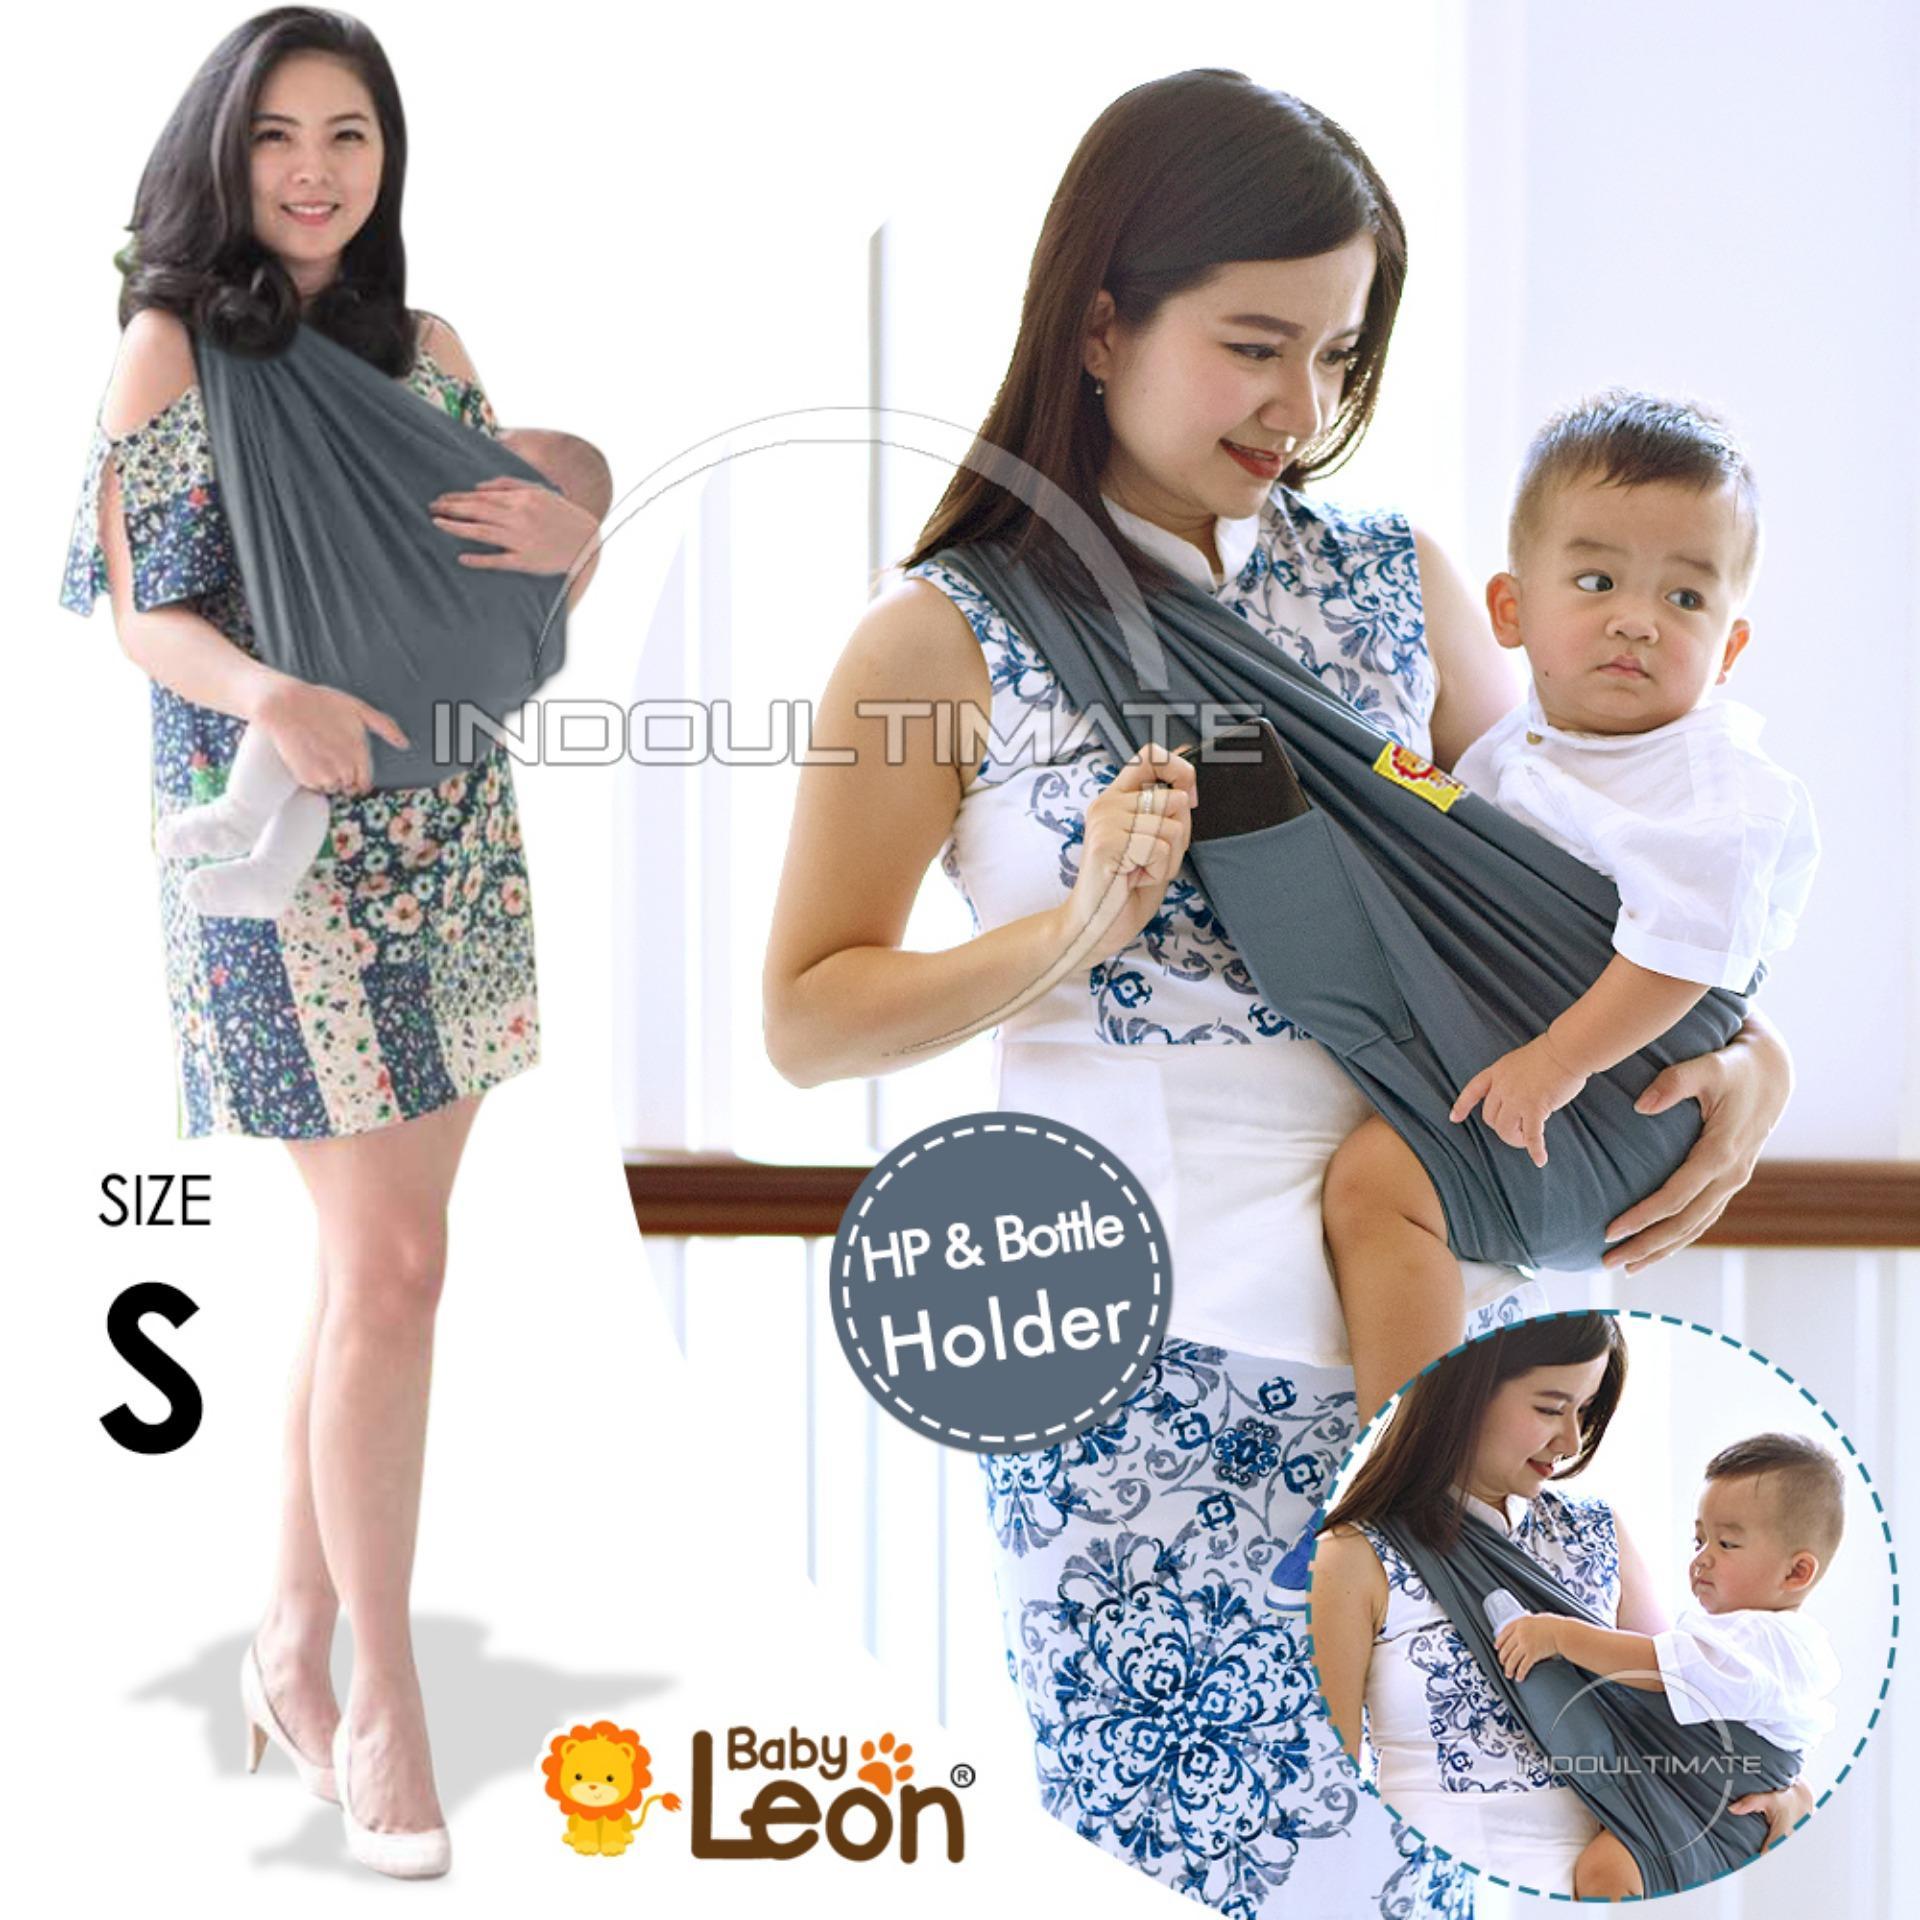 BABY LEON Gendongan Bayi Kaos/Geos/selendang Bayi Praktis BY 44 GB Polos Ukuran S